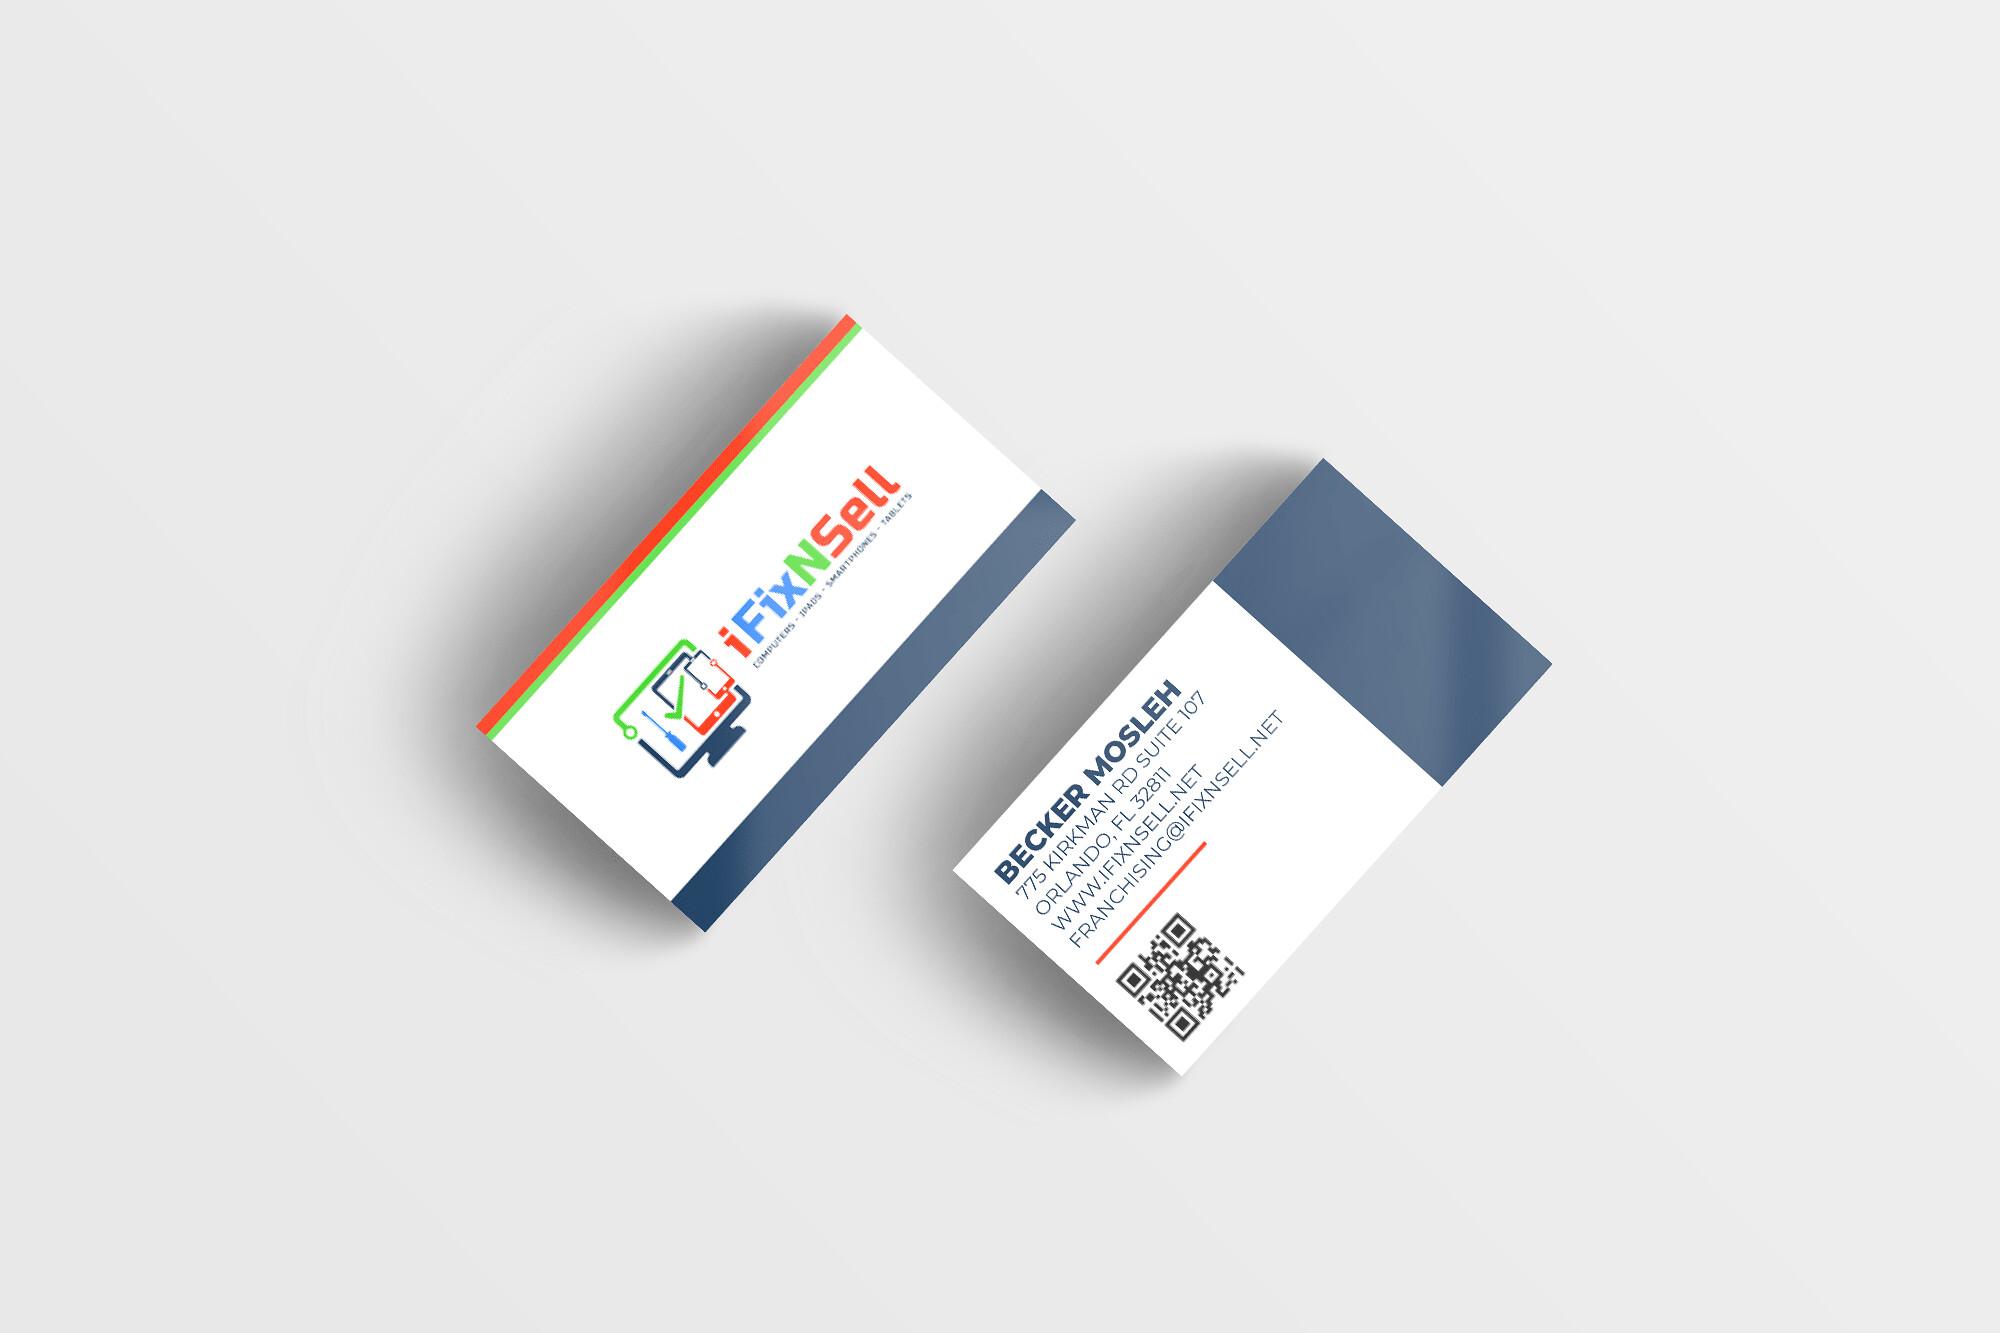 iFixNSell Business Card Design Tuyen Chau